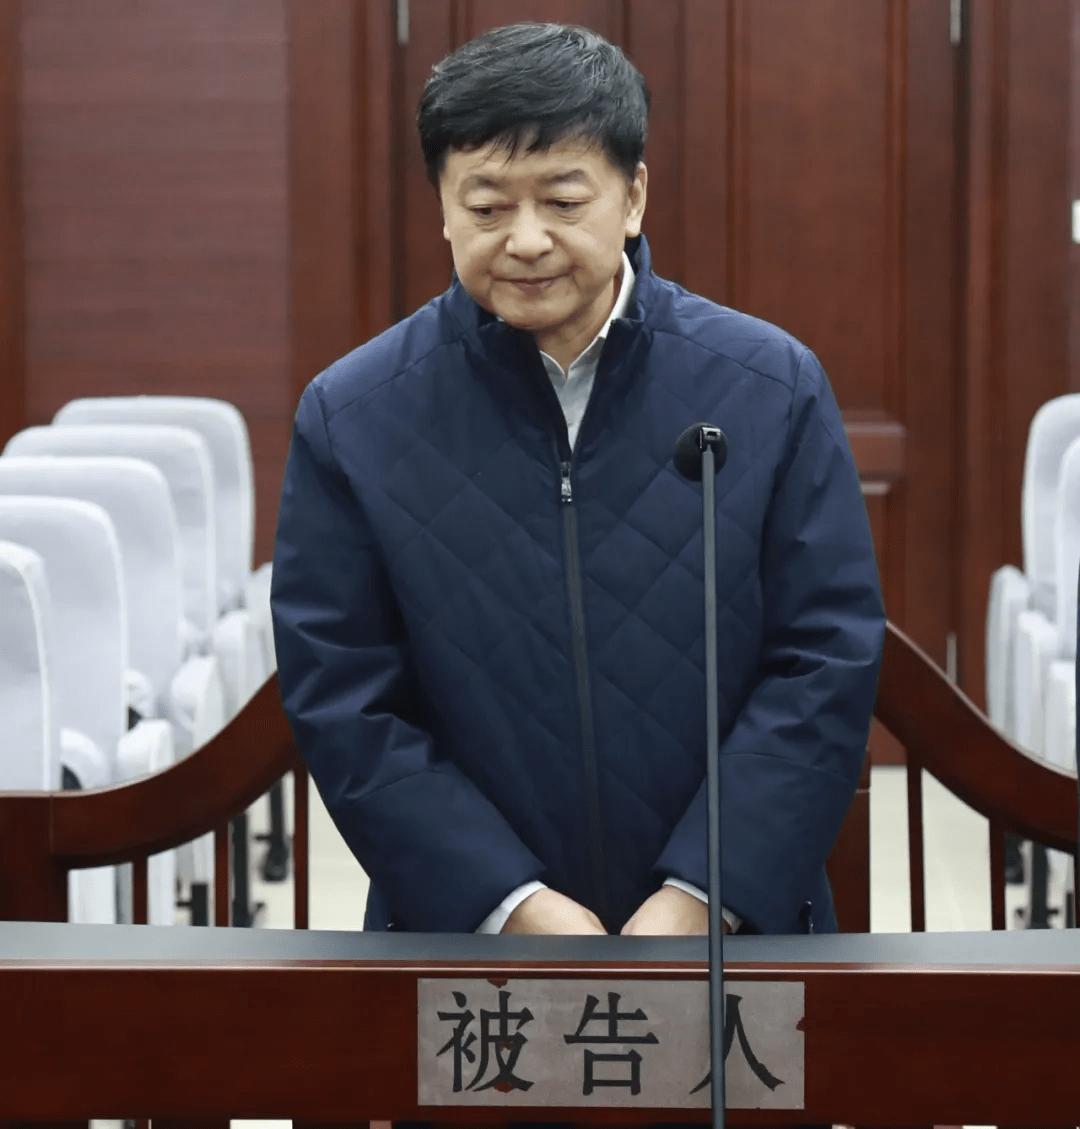 贪污、受贿、单位行贿,黑龙江省贸促会原会长王敬先数罪并罚被判无期徒刑